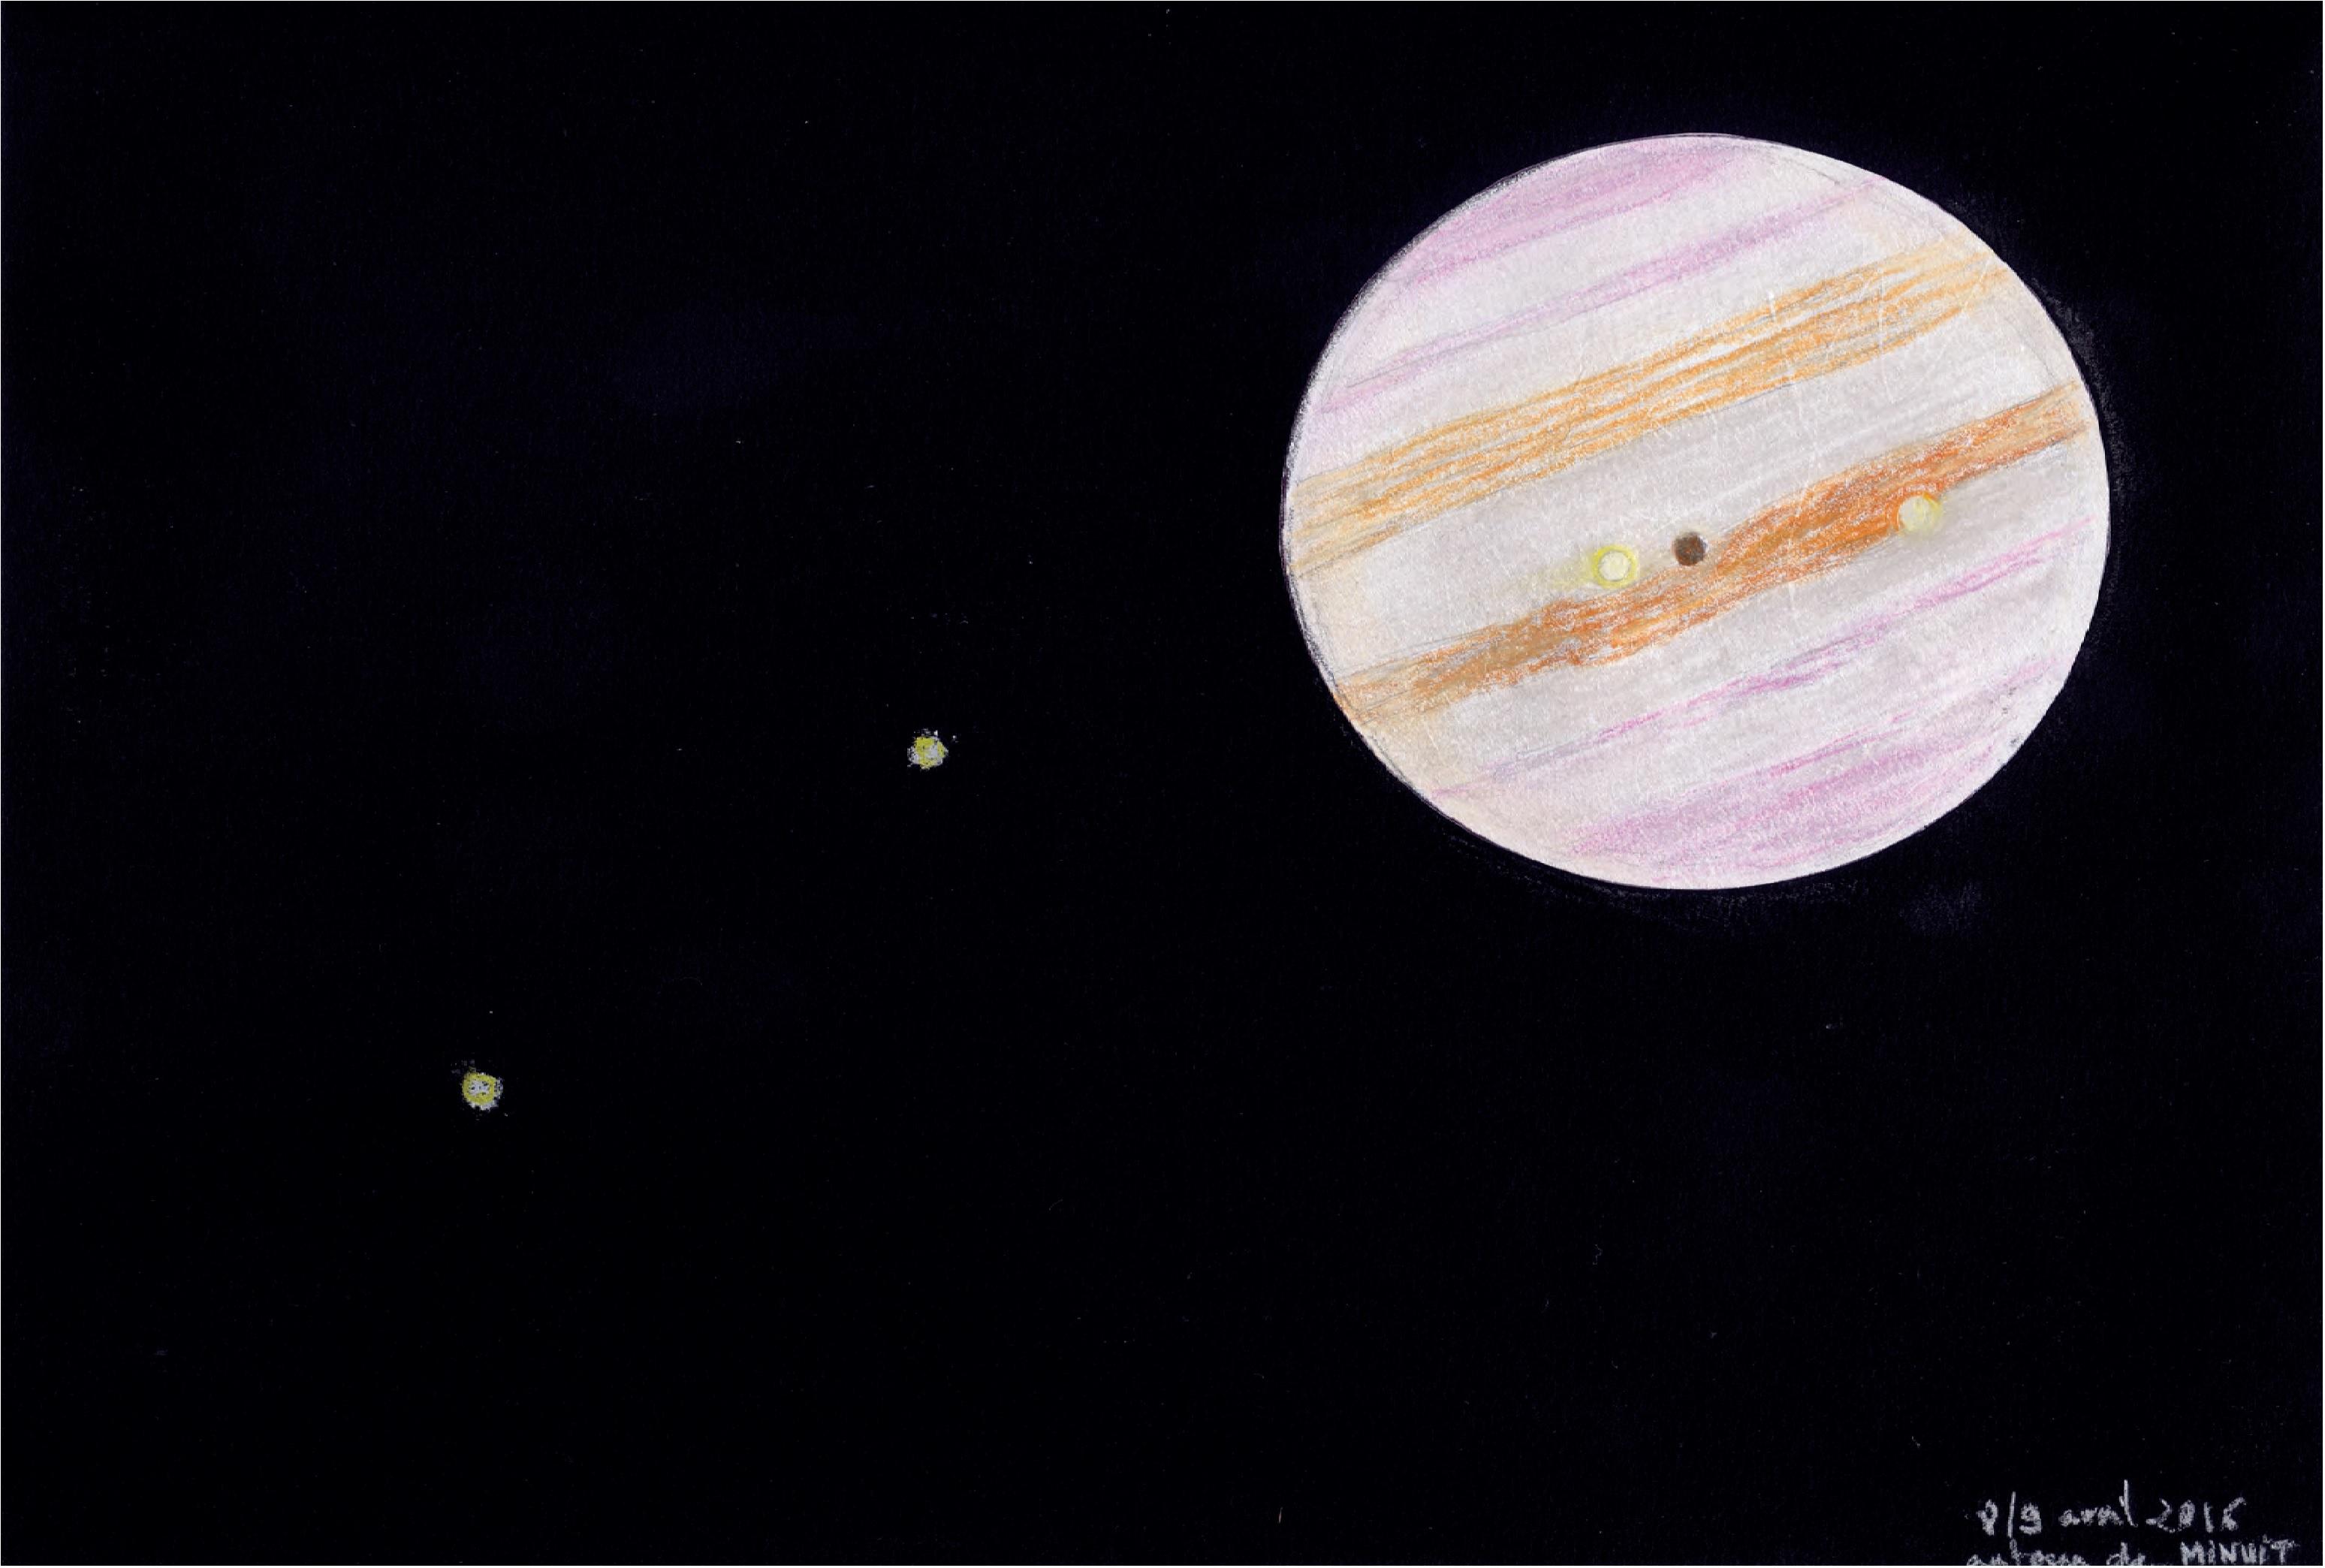 Jupiter et ses satellites Fédéric Dushesne 2